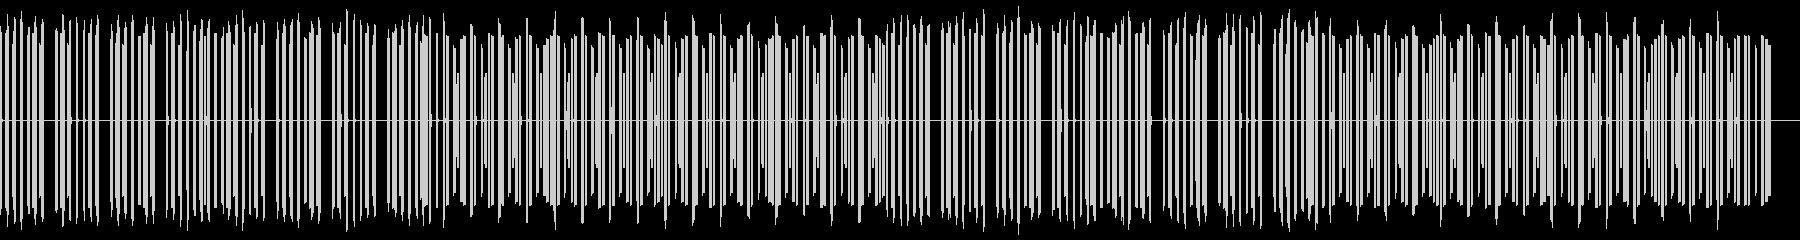 ほのぼのしたファミコン風のBGMの未再生の波形